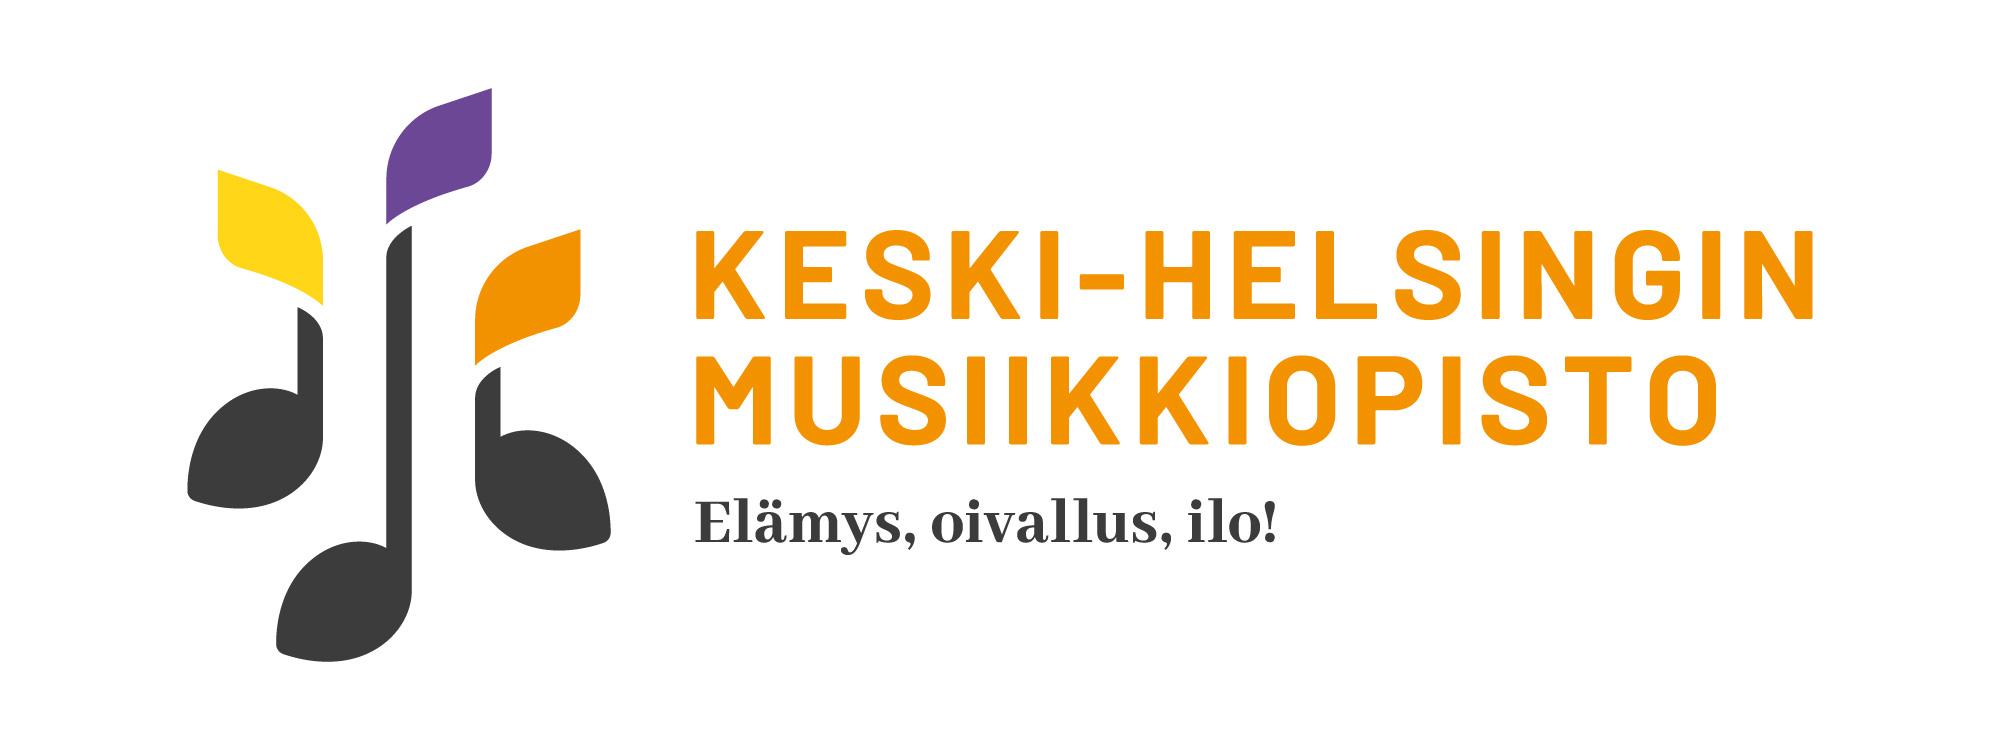 Keski-Helsingin musiikkiopisto